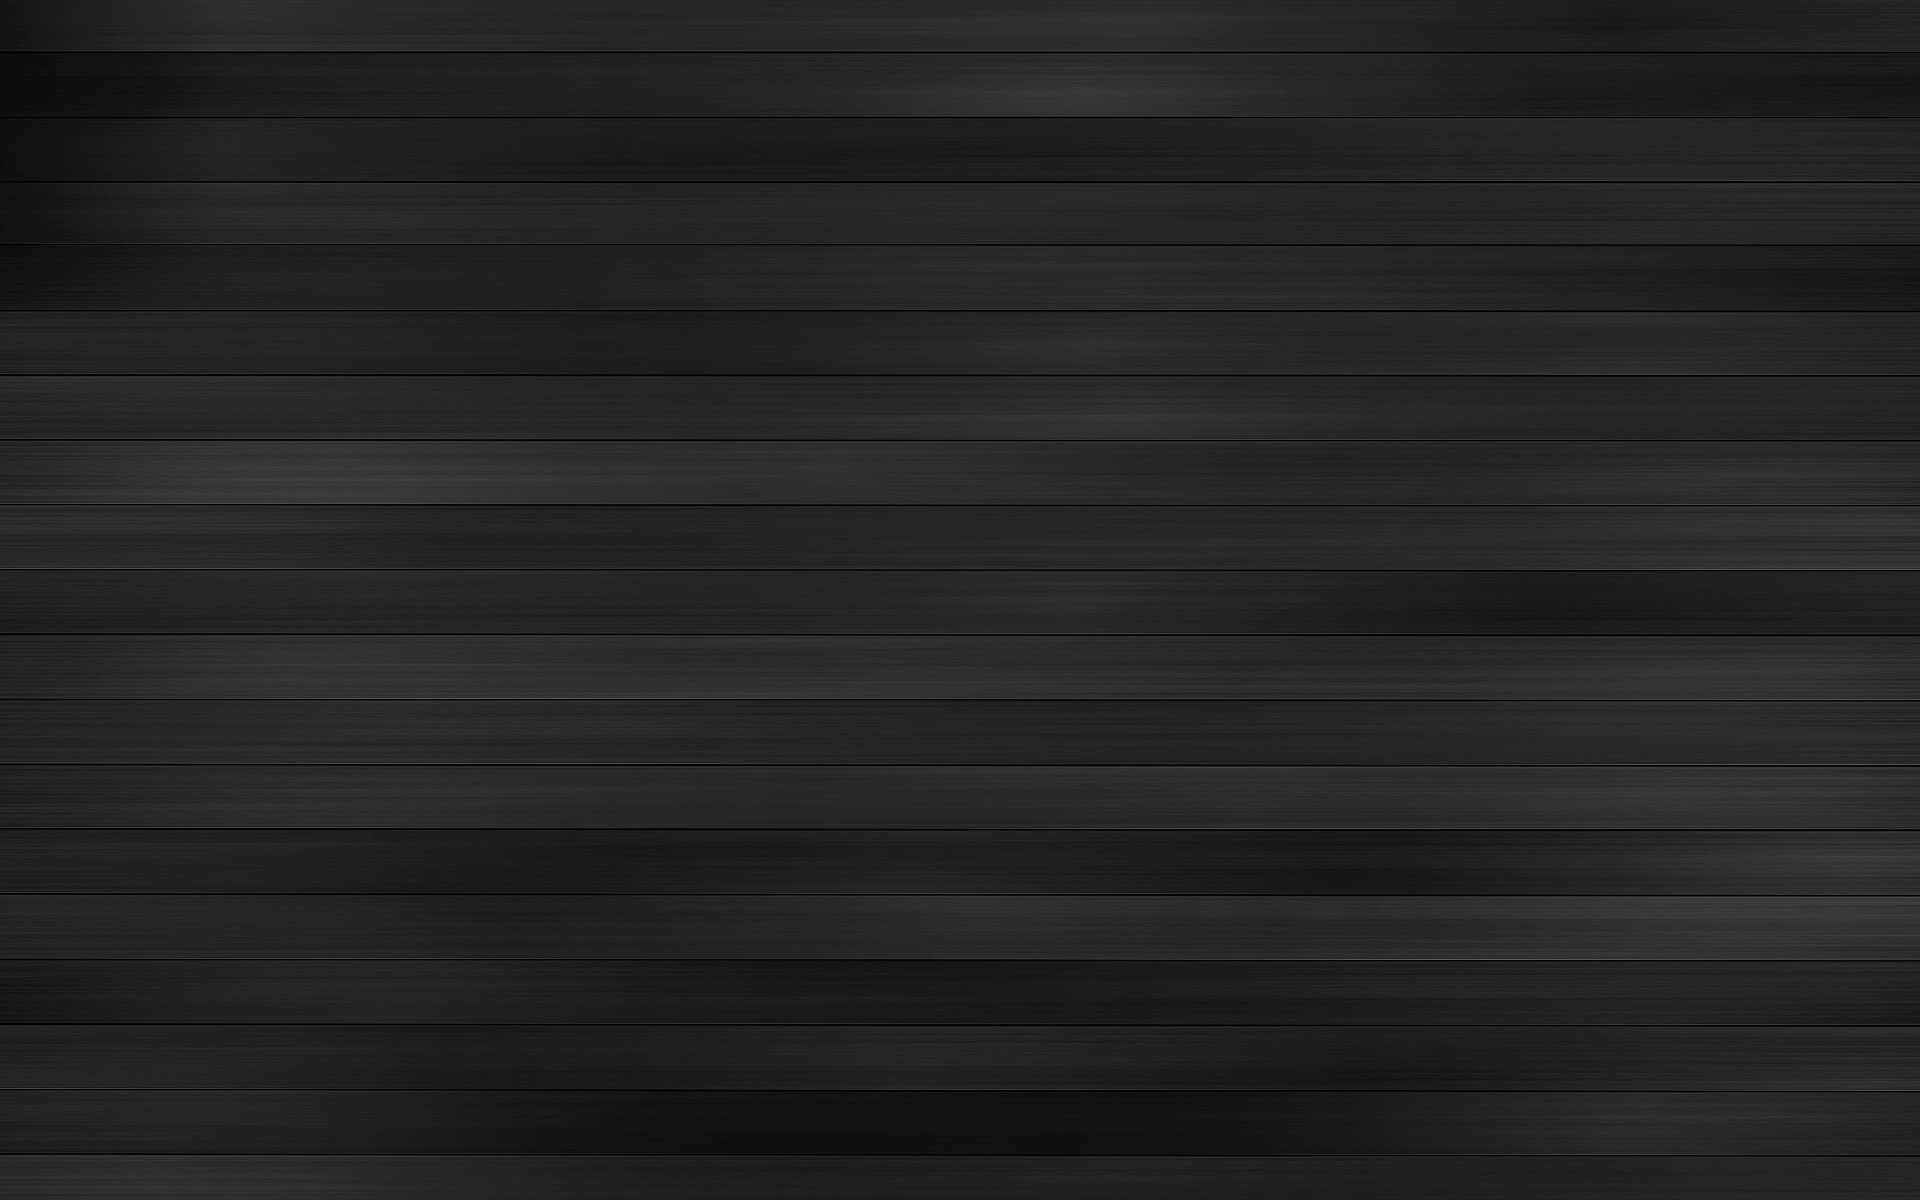 Black Wallpaper Texture - WallpaperSafari